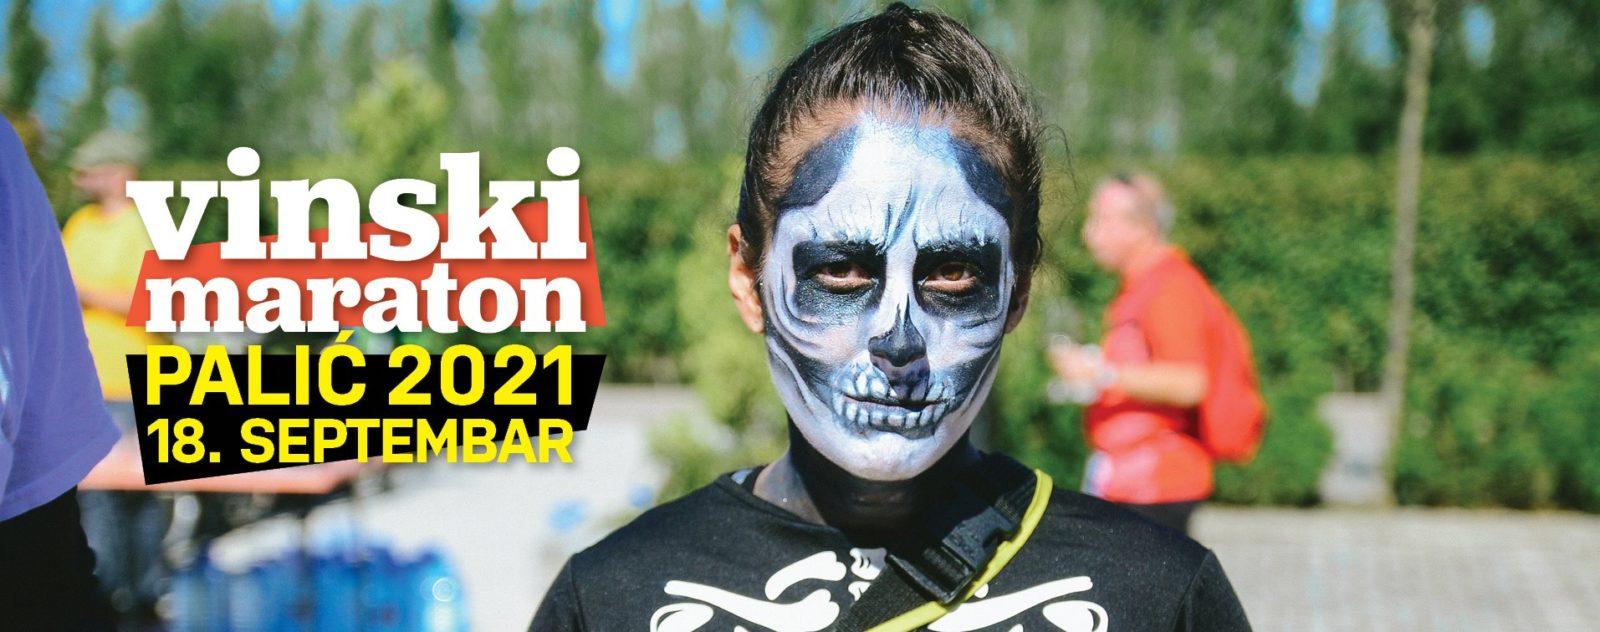 Vinski maraton na Paliću biće održan 18. septembra